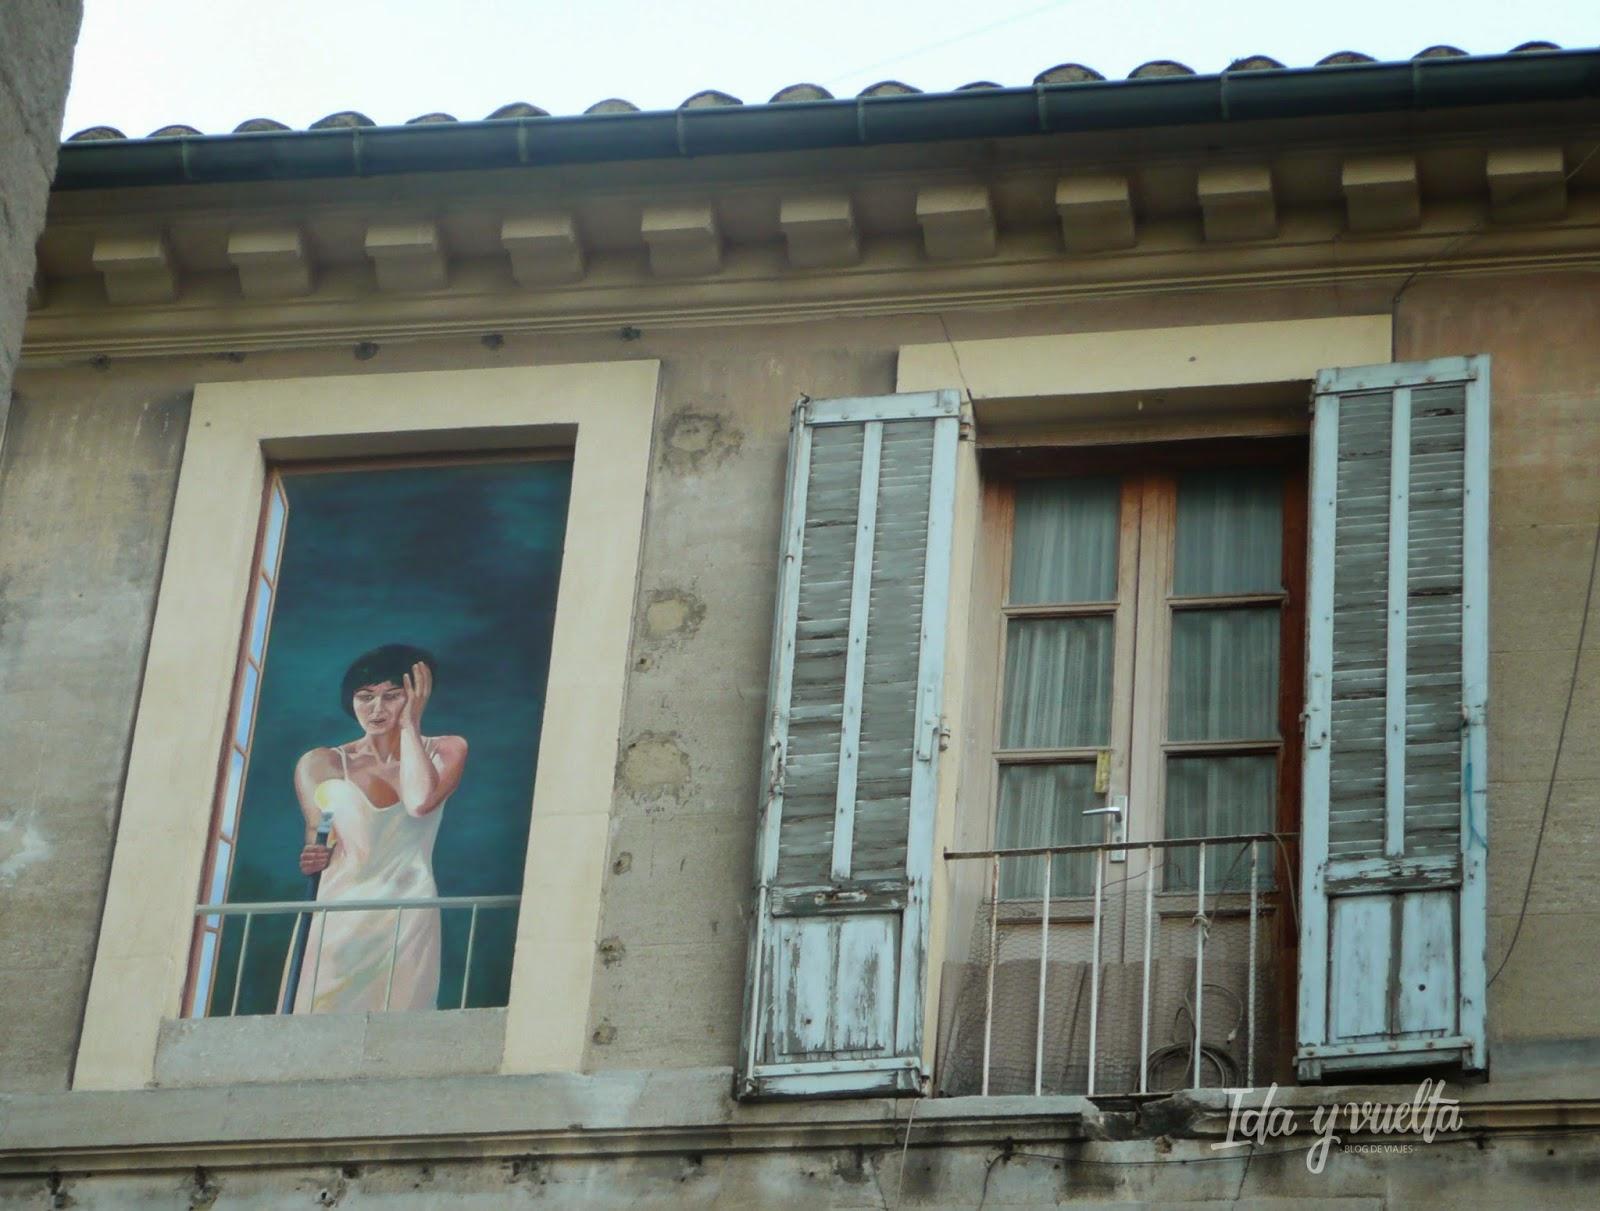 Trampantojo en Avignon